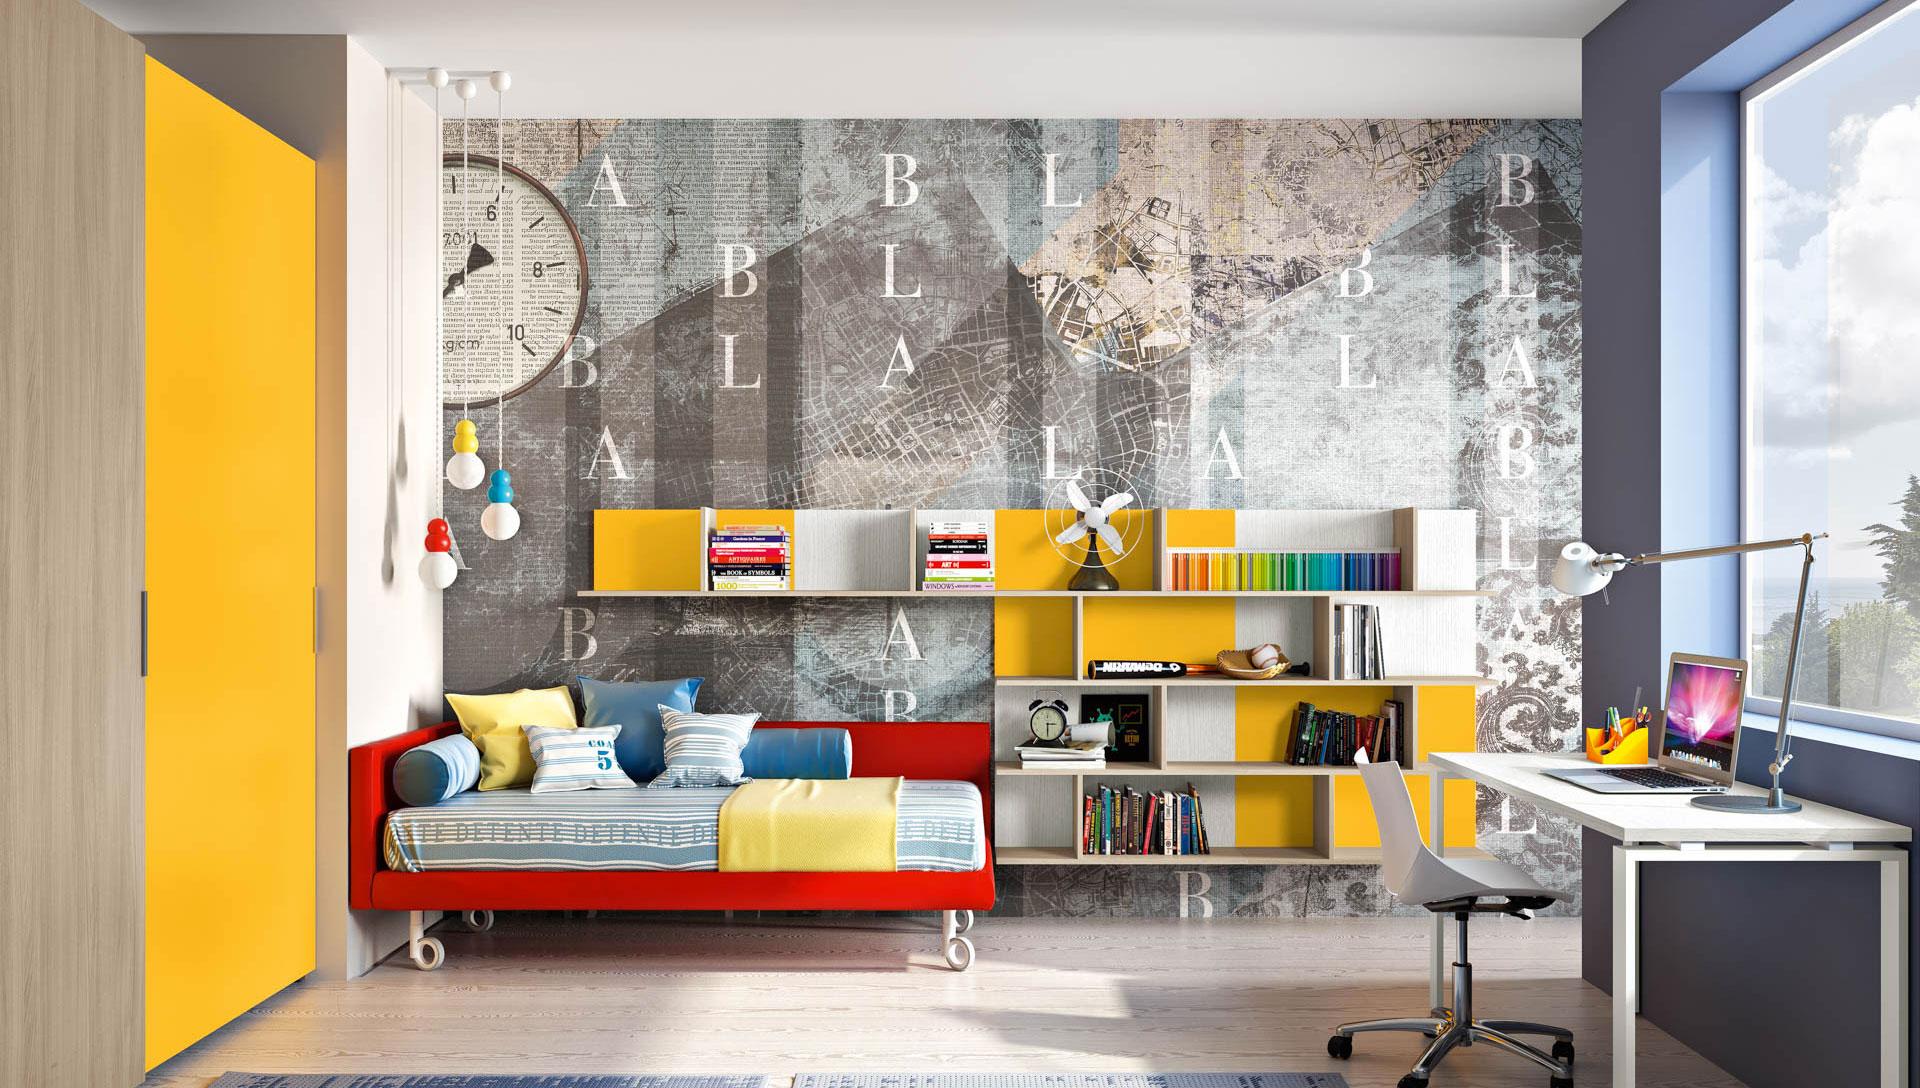 camerette-ferrimobili-2-comodus-arredamenti-nicoletti-interni-interior-design-divani-complementi-arredo-mobili-design-accessori-matera